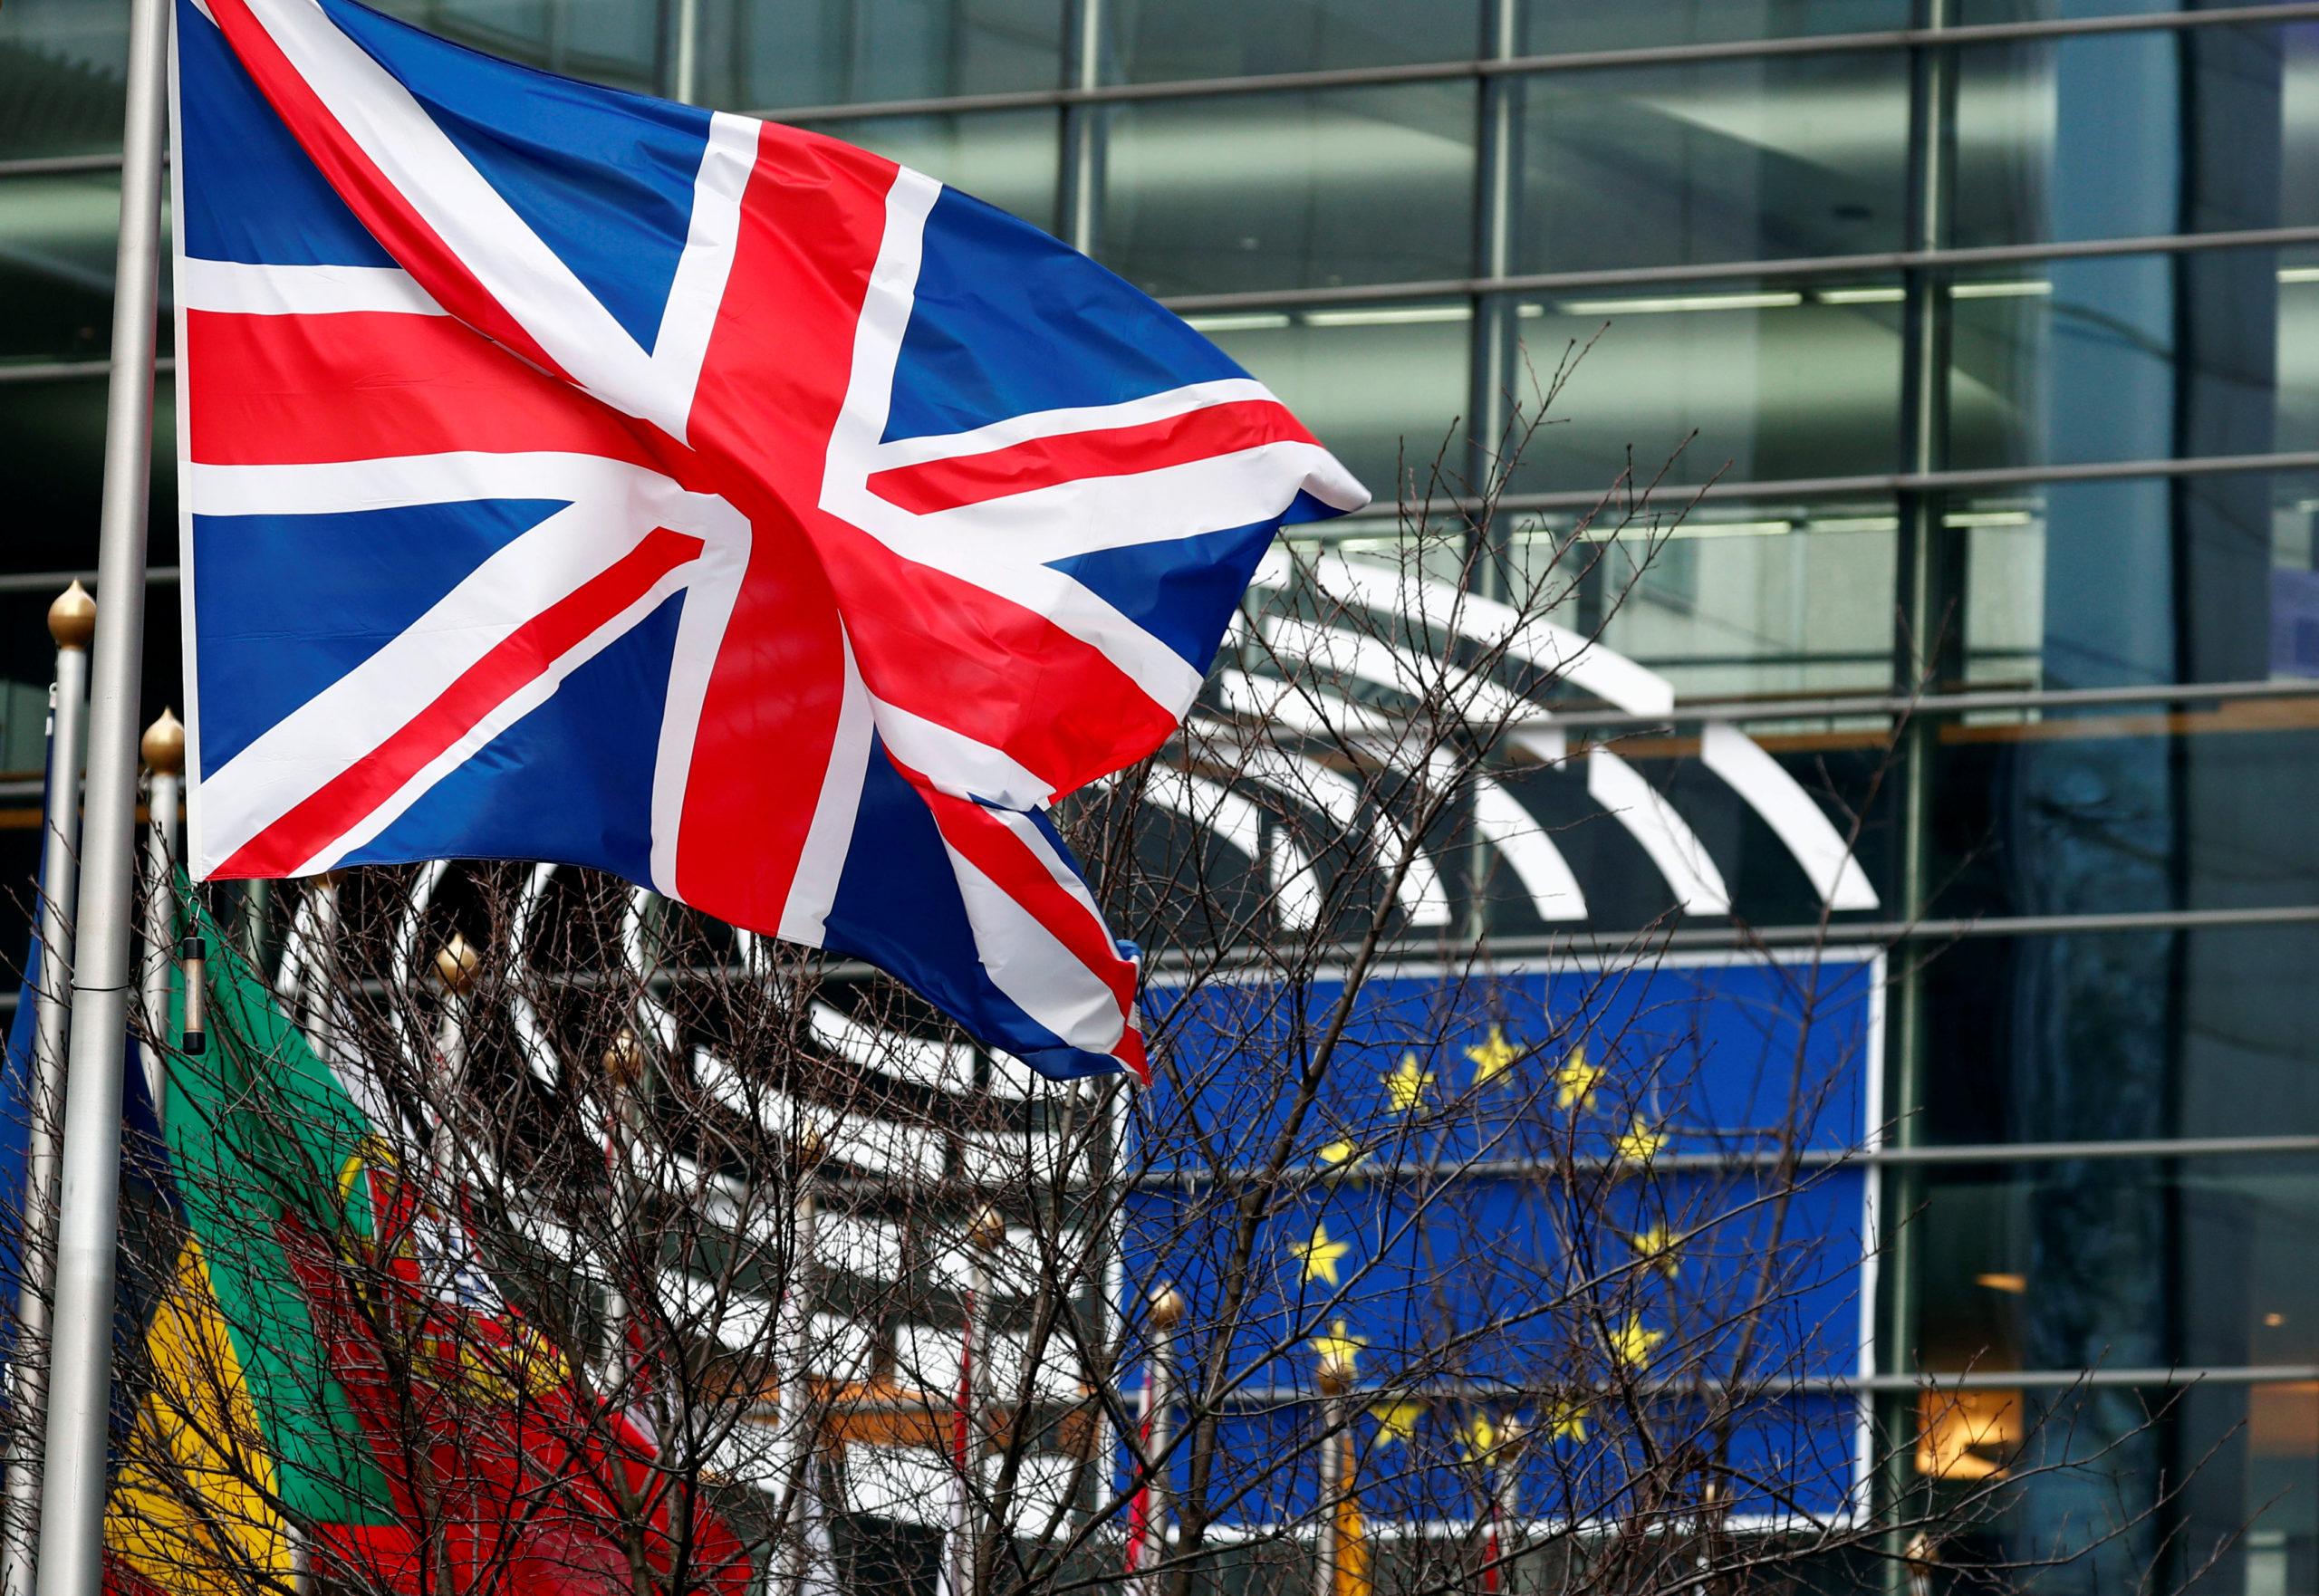 Londres paraît bouger dans les négociations avec l'UE sur la pêche, selon des sources